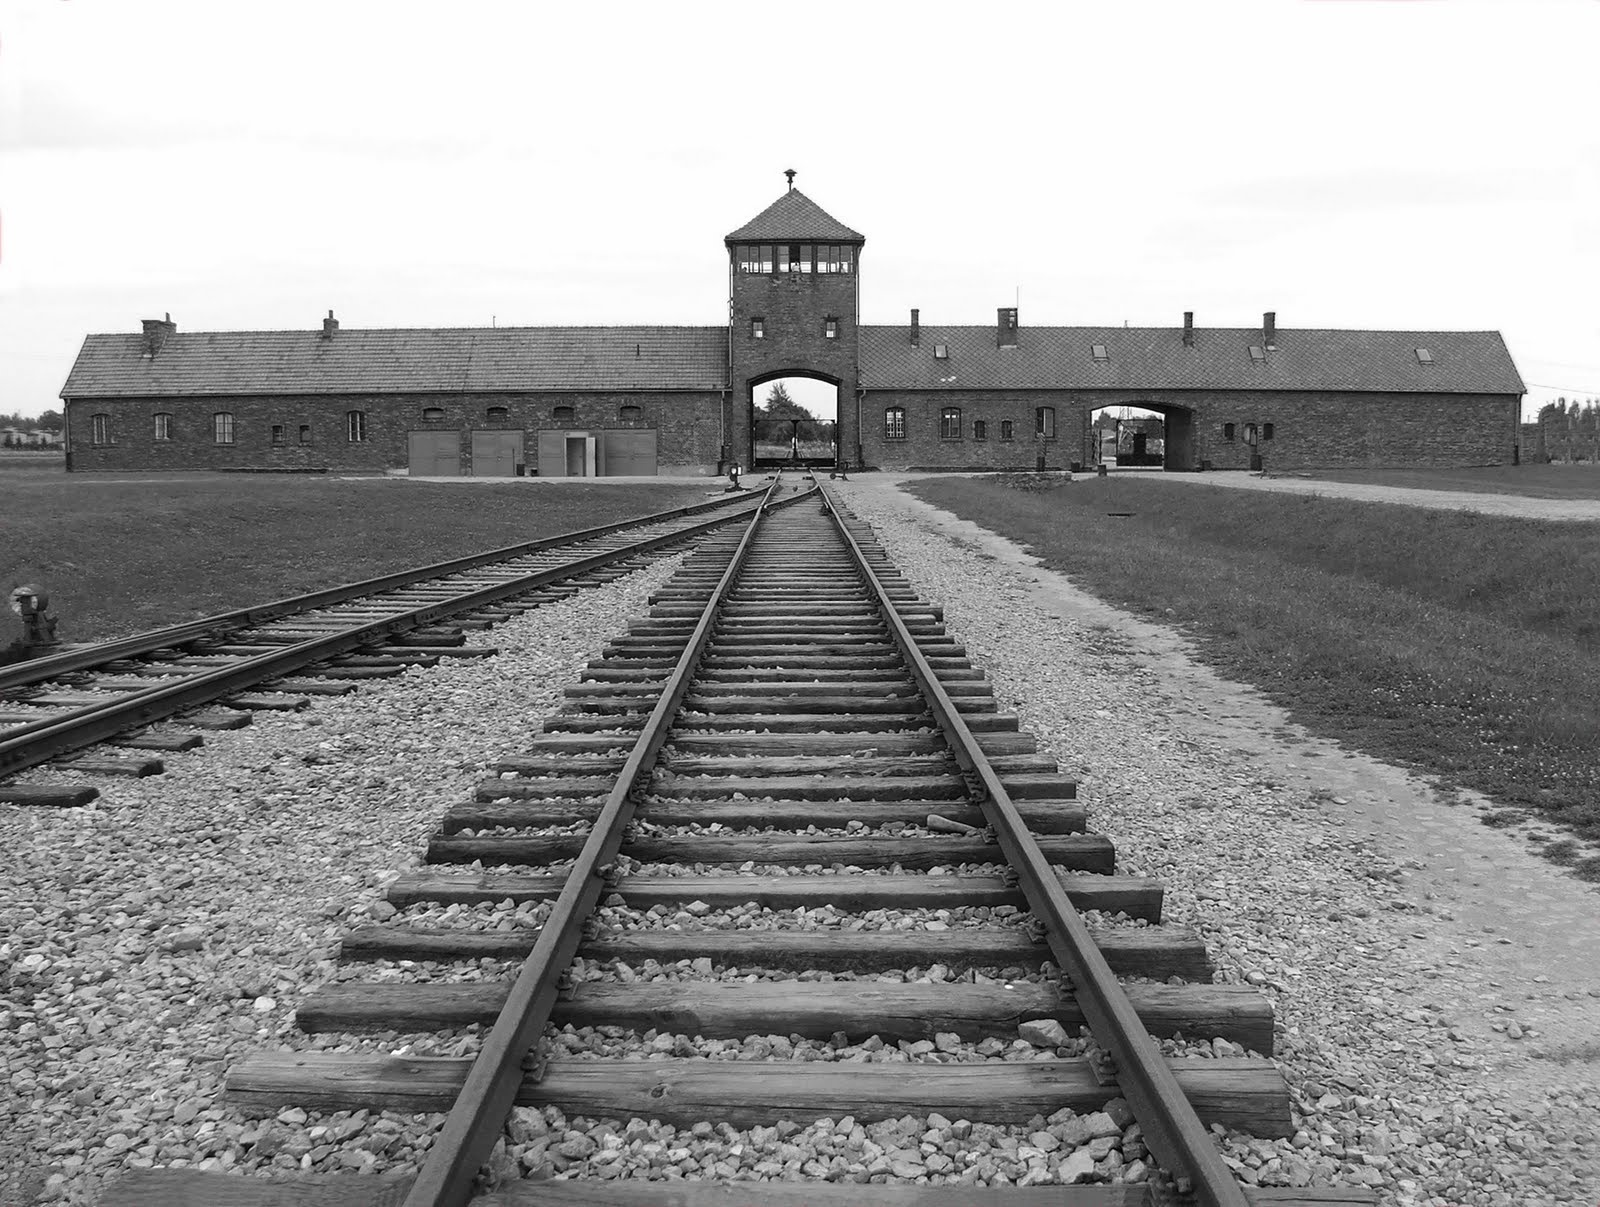 Investigações sobre o alegado holocausto